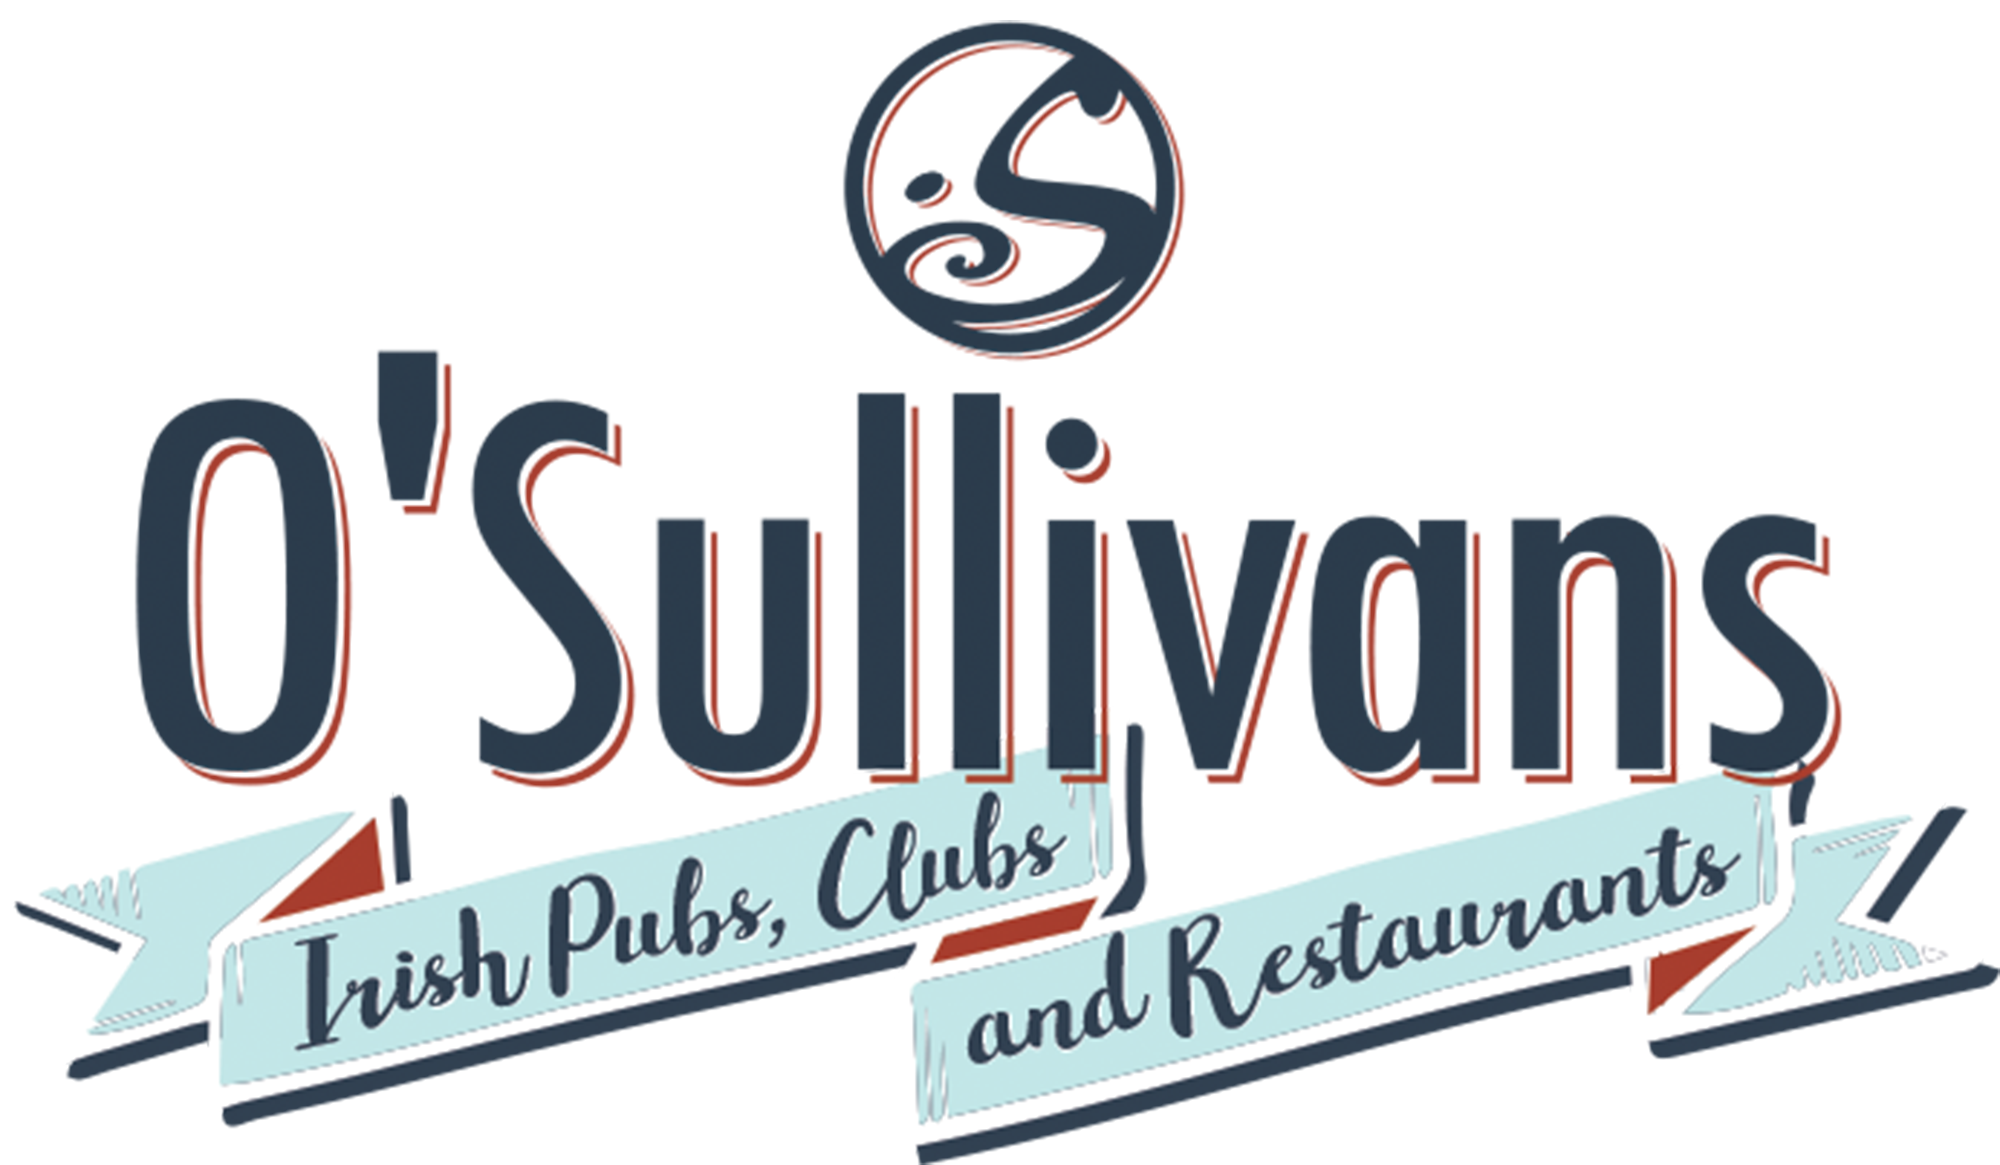 O'Sullivans